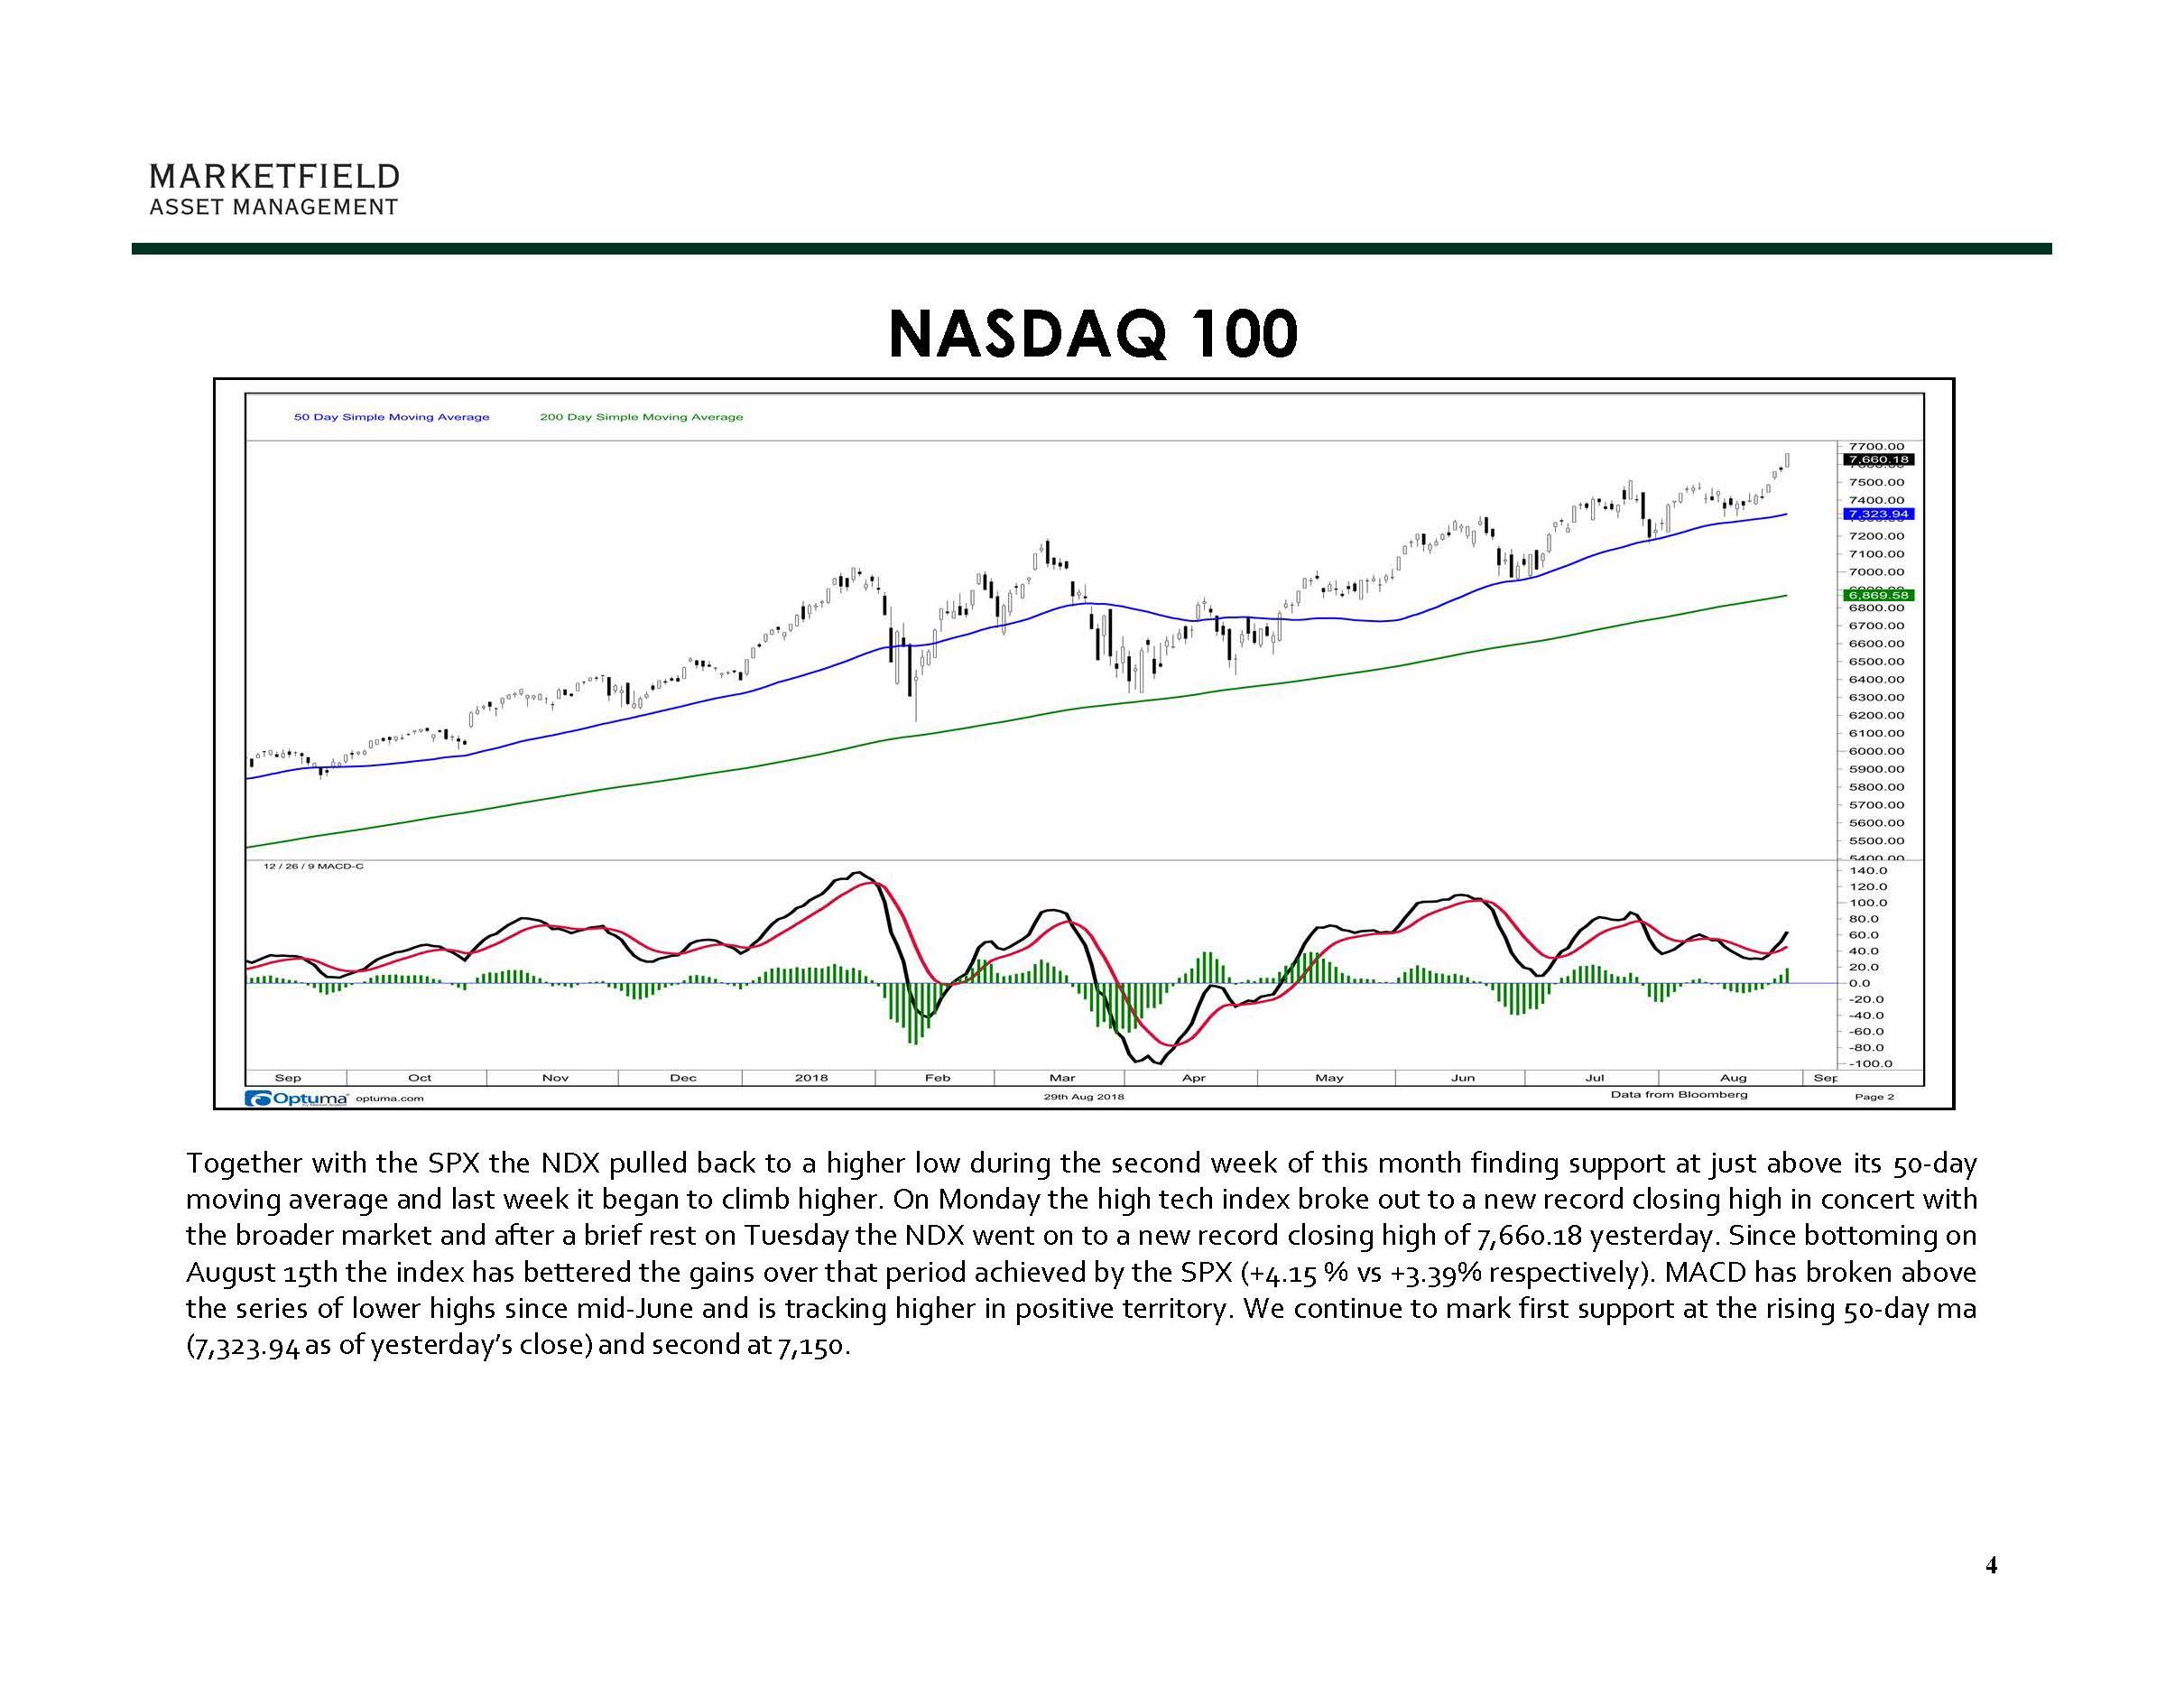 08-30-18_Weekly Speculator_Page_04.jpg